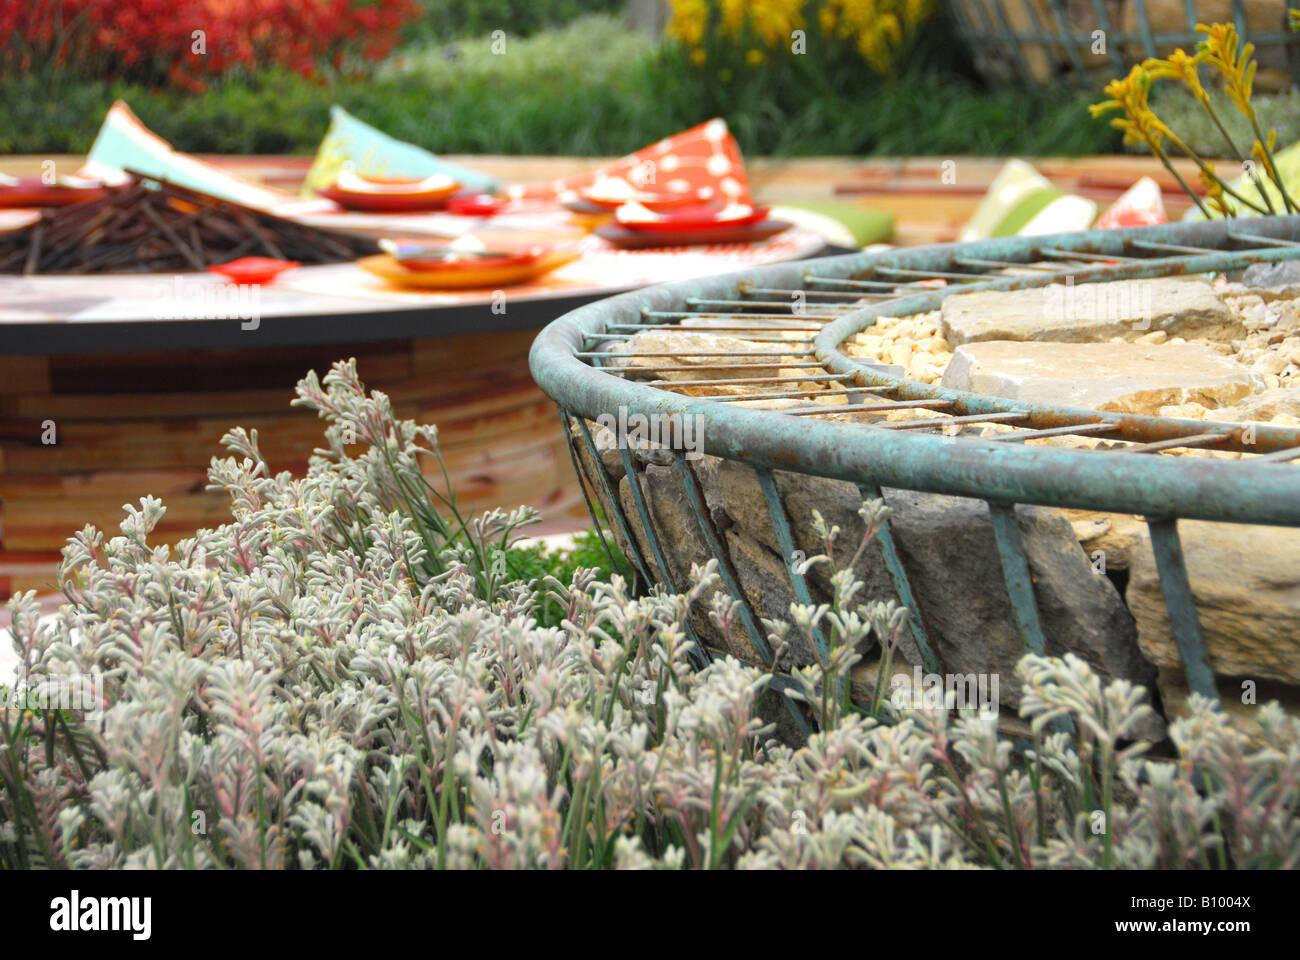 chelsea flower show 2008 - Stock Image